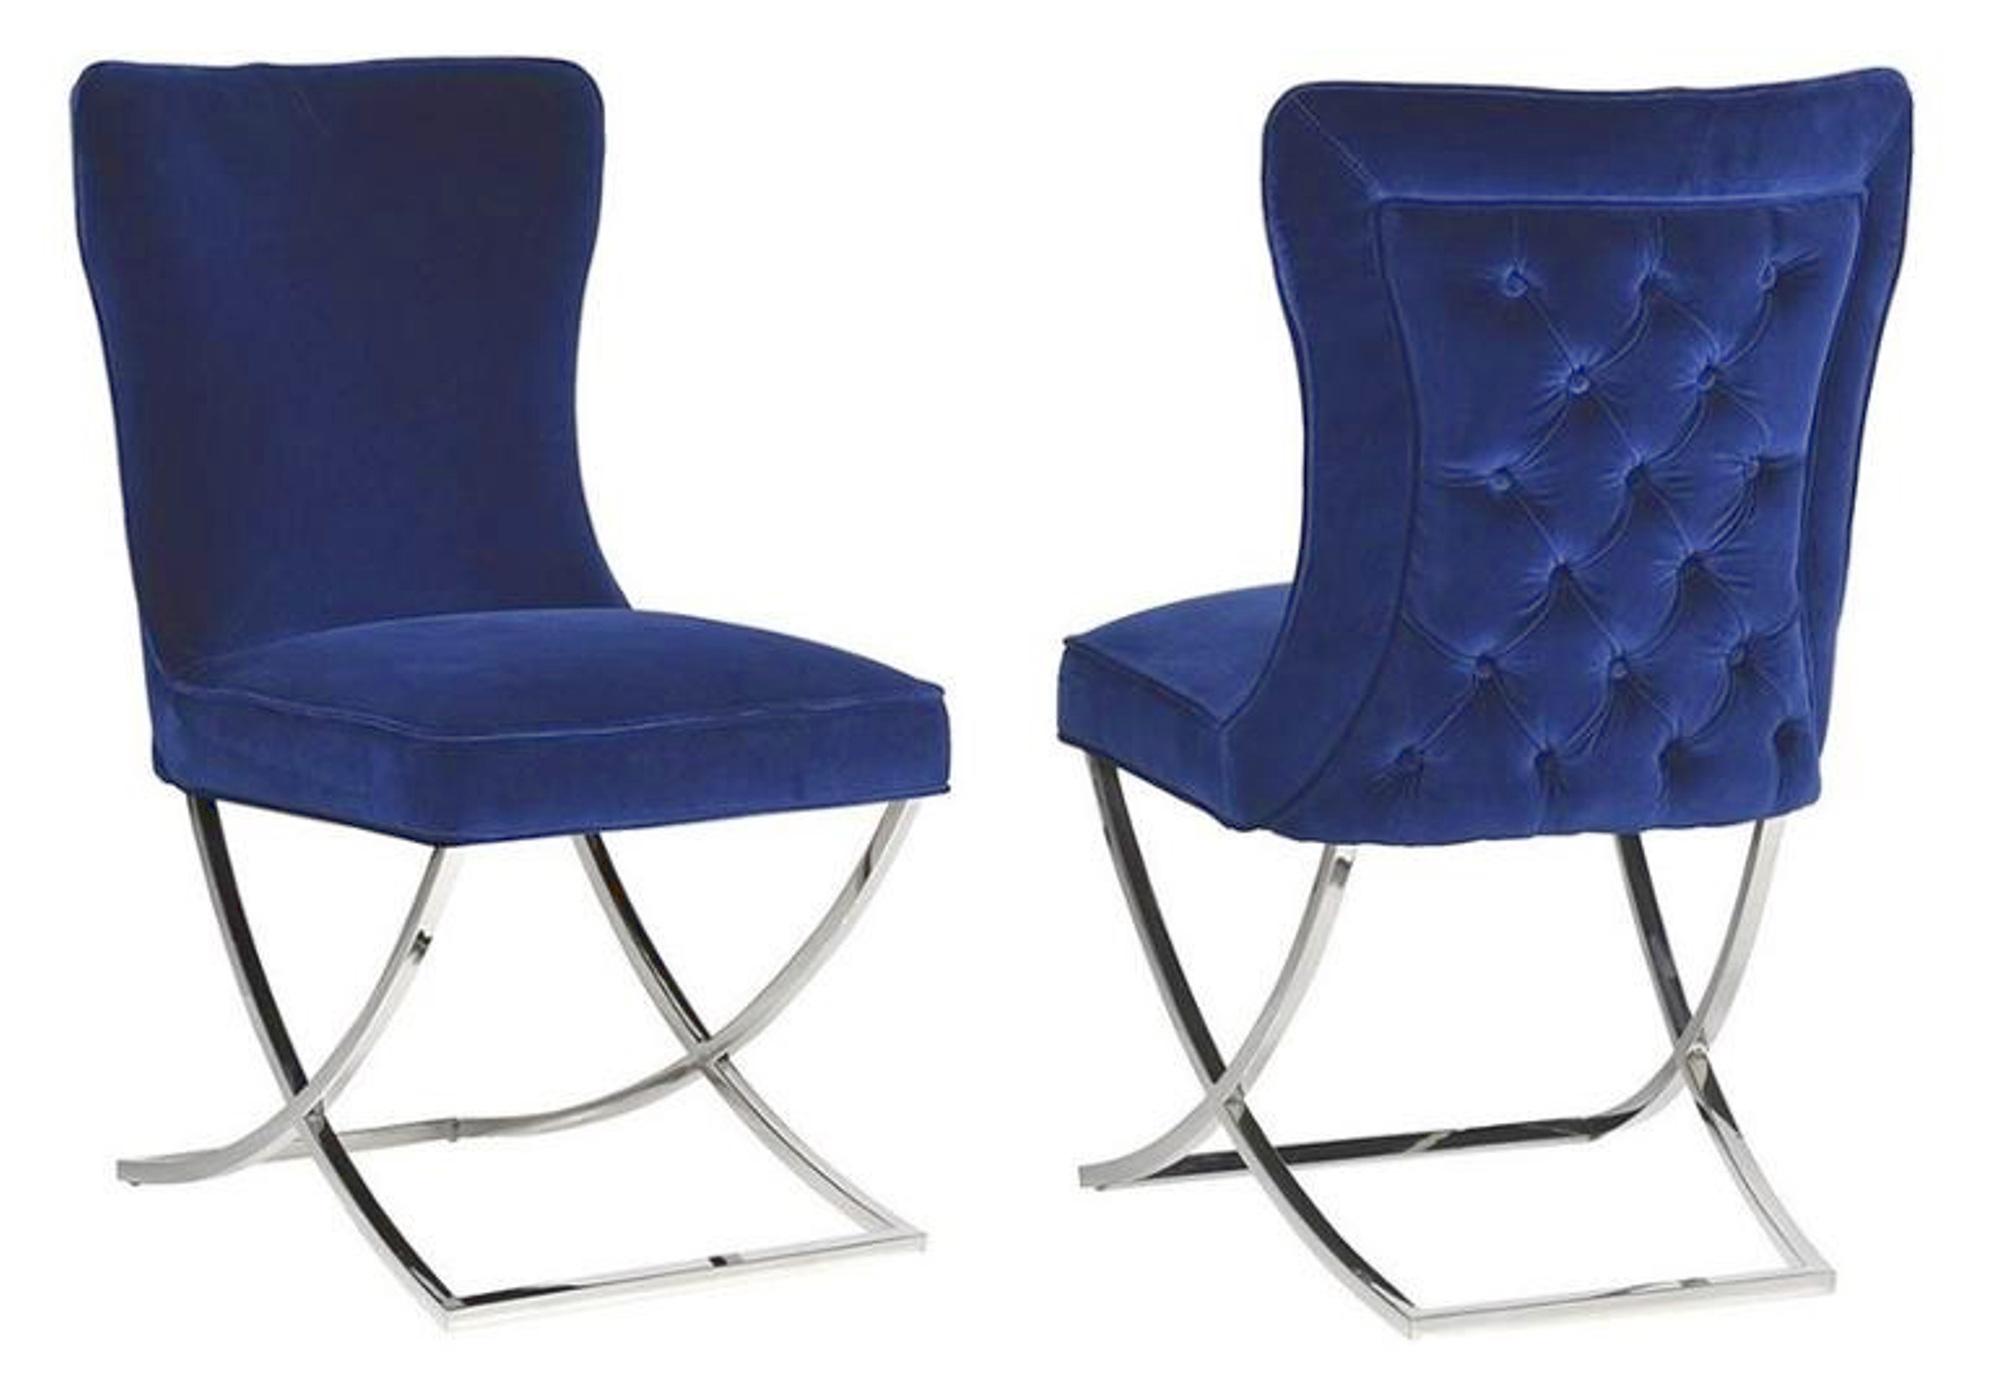 Chaises design capitonné bleu ENZO.1